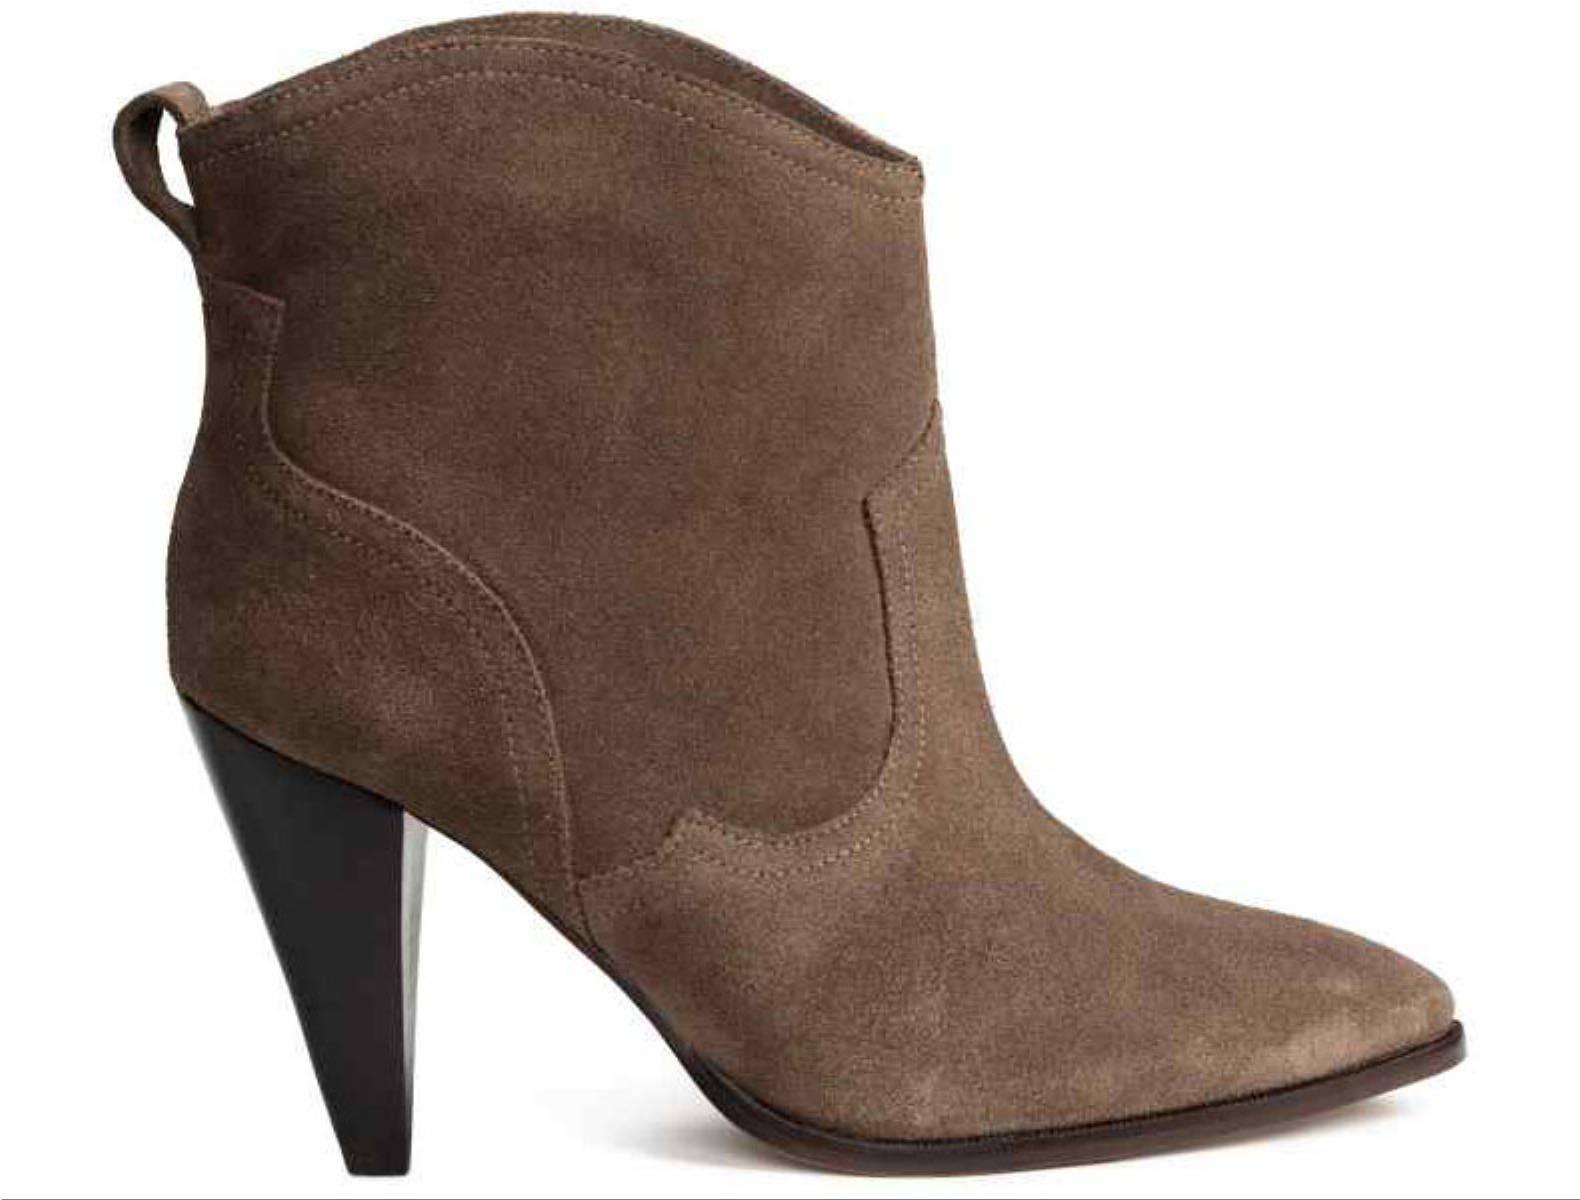 78571c683c6ef Redakcyjny przegląd: buty na wiosnę 2017 z popularnych sieciówek ...